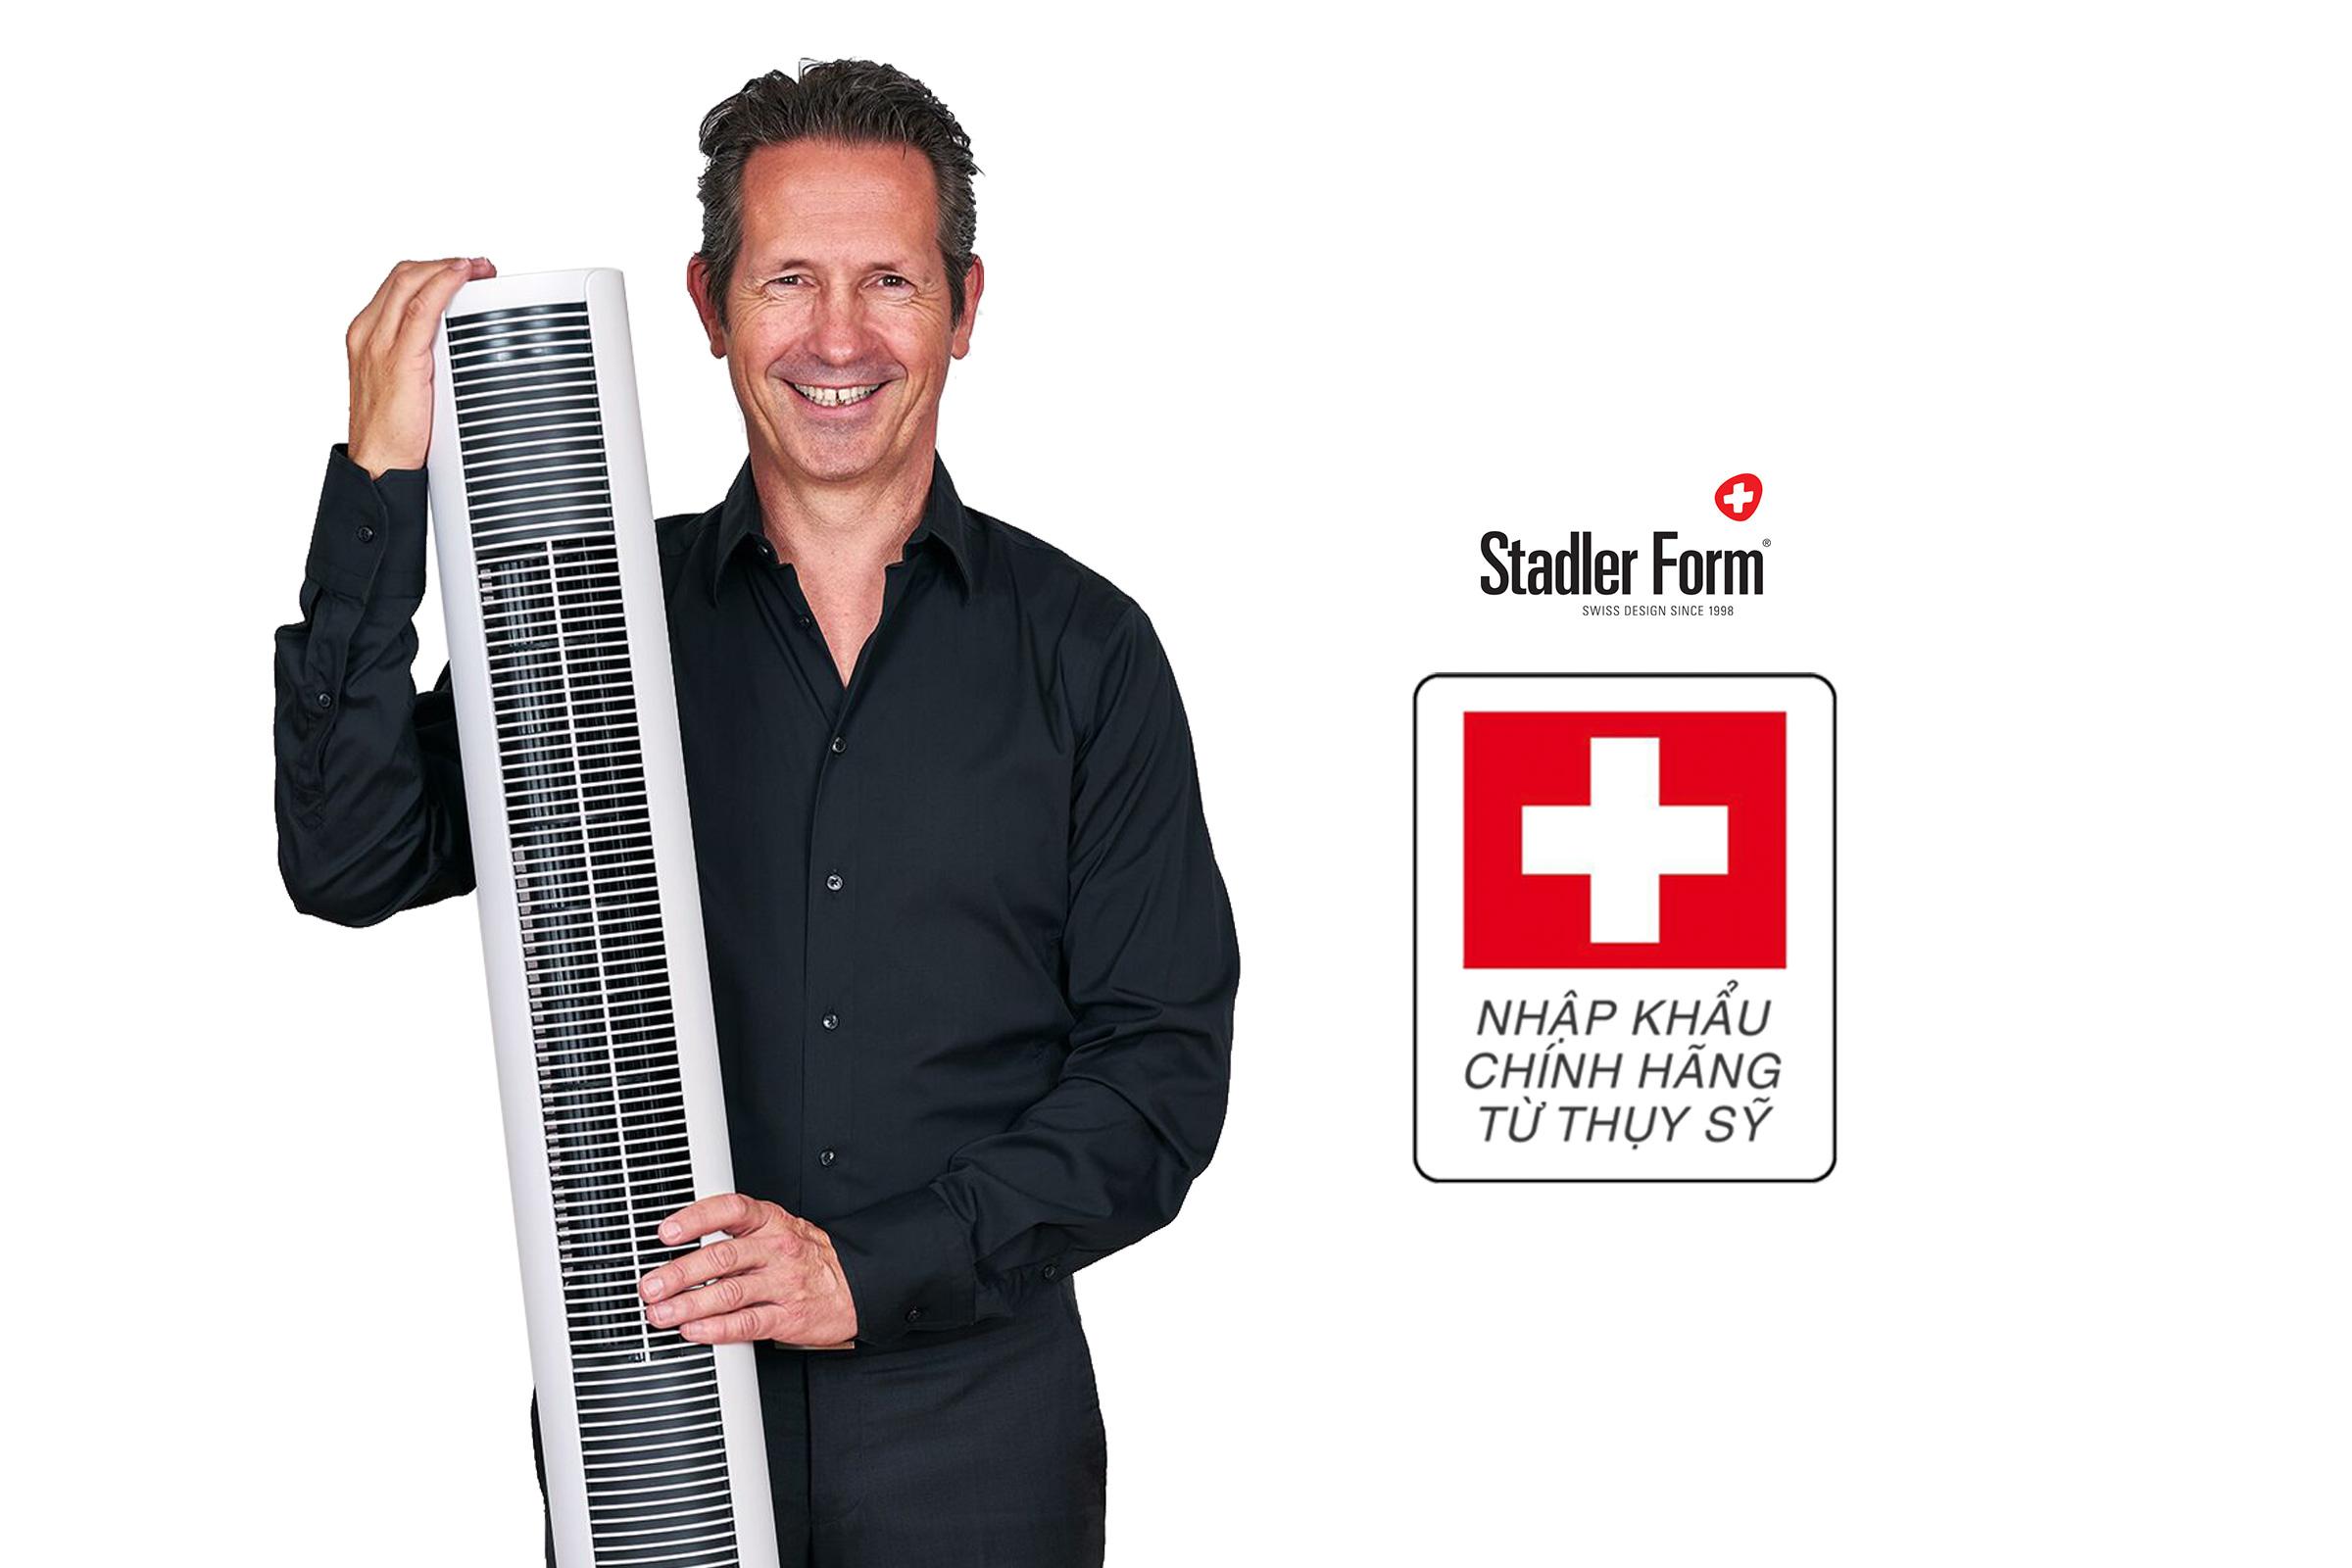 Stadler Form là thương hiệu Thụy Sỹ được ưa chuộng và nổi tiếng trên hơn 20 quốc gia, từ Mỹ tới Nhật Bản